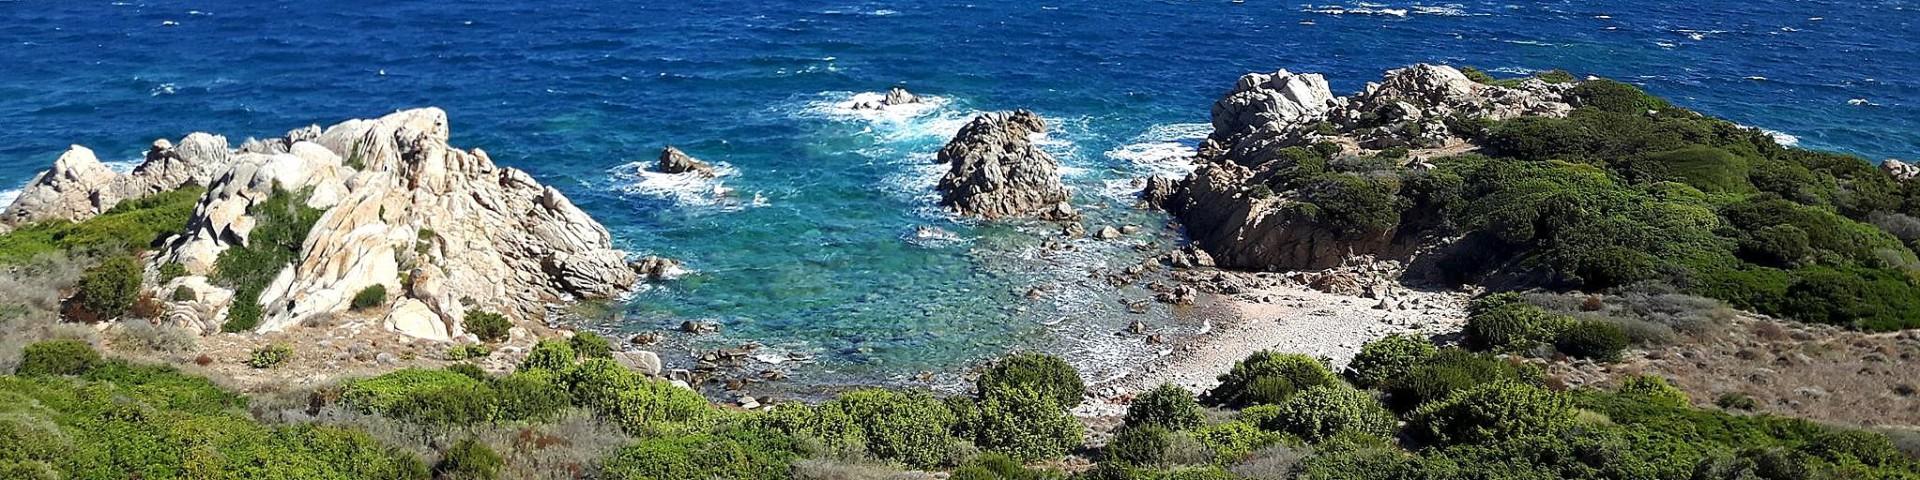 Vignola Mare, divočejší část pobřeží pod věží